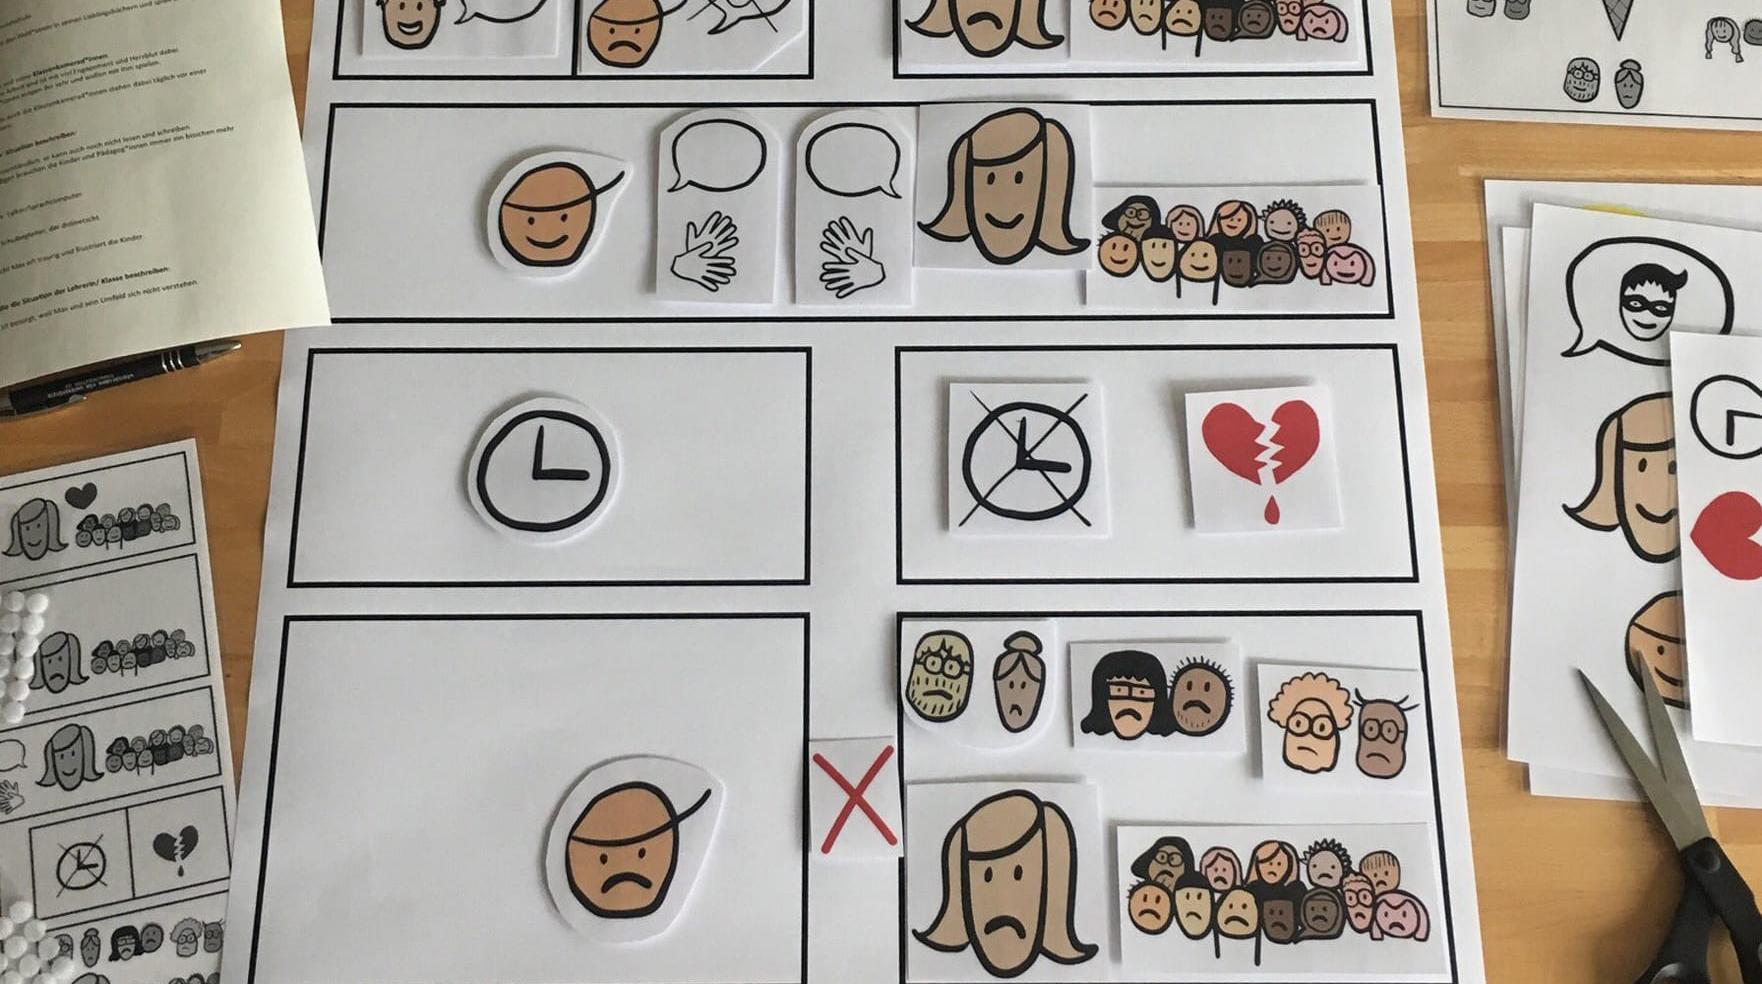 zwei Plakate A1. 1: Panels in 5 Zeilen wie in eine Comic. Darin sind iIons und Köpfe abgebildet, alles sehr minimal gezeichnet. Der Kopf eines Schülers, der von einem Superhelden träumt. Und der seiner Lehrerein, die mit Herzblut unterrichtet. Der Schüler kann shlecht kommunizieren, weil er nicht sprechen, lesen oder schreiben kann. Er benutzt einen Talker zum Sprechen und hat einen Assistenten. Die Lehrerin ist unglüchlich darüber. Dann entdeckenn sie, dass sie mit gebärden kommunizieren können. Leiderfehlt der Lehrerin die Zeit, sich und ihren Schülern Gebärdensprache beizubringen. Ihr herz blutet. Plakat 2: großes Kugeleis mit 4 Kugeln, in denen jeweils steht: Metacom, Wort, Audio und Gebärdenvideo. das ist die EiS-App. Alle beteiligtten (Schüler, Mitschüler, Lehrerein, verwandte und Freunde können damit einfach gebärden lernen und miteinander kommunizeren.